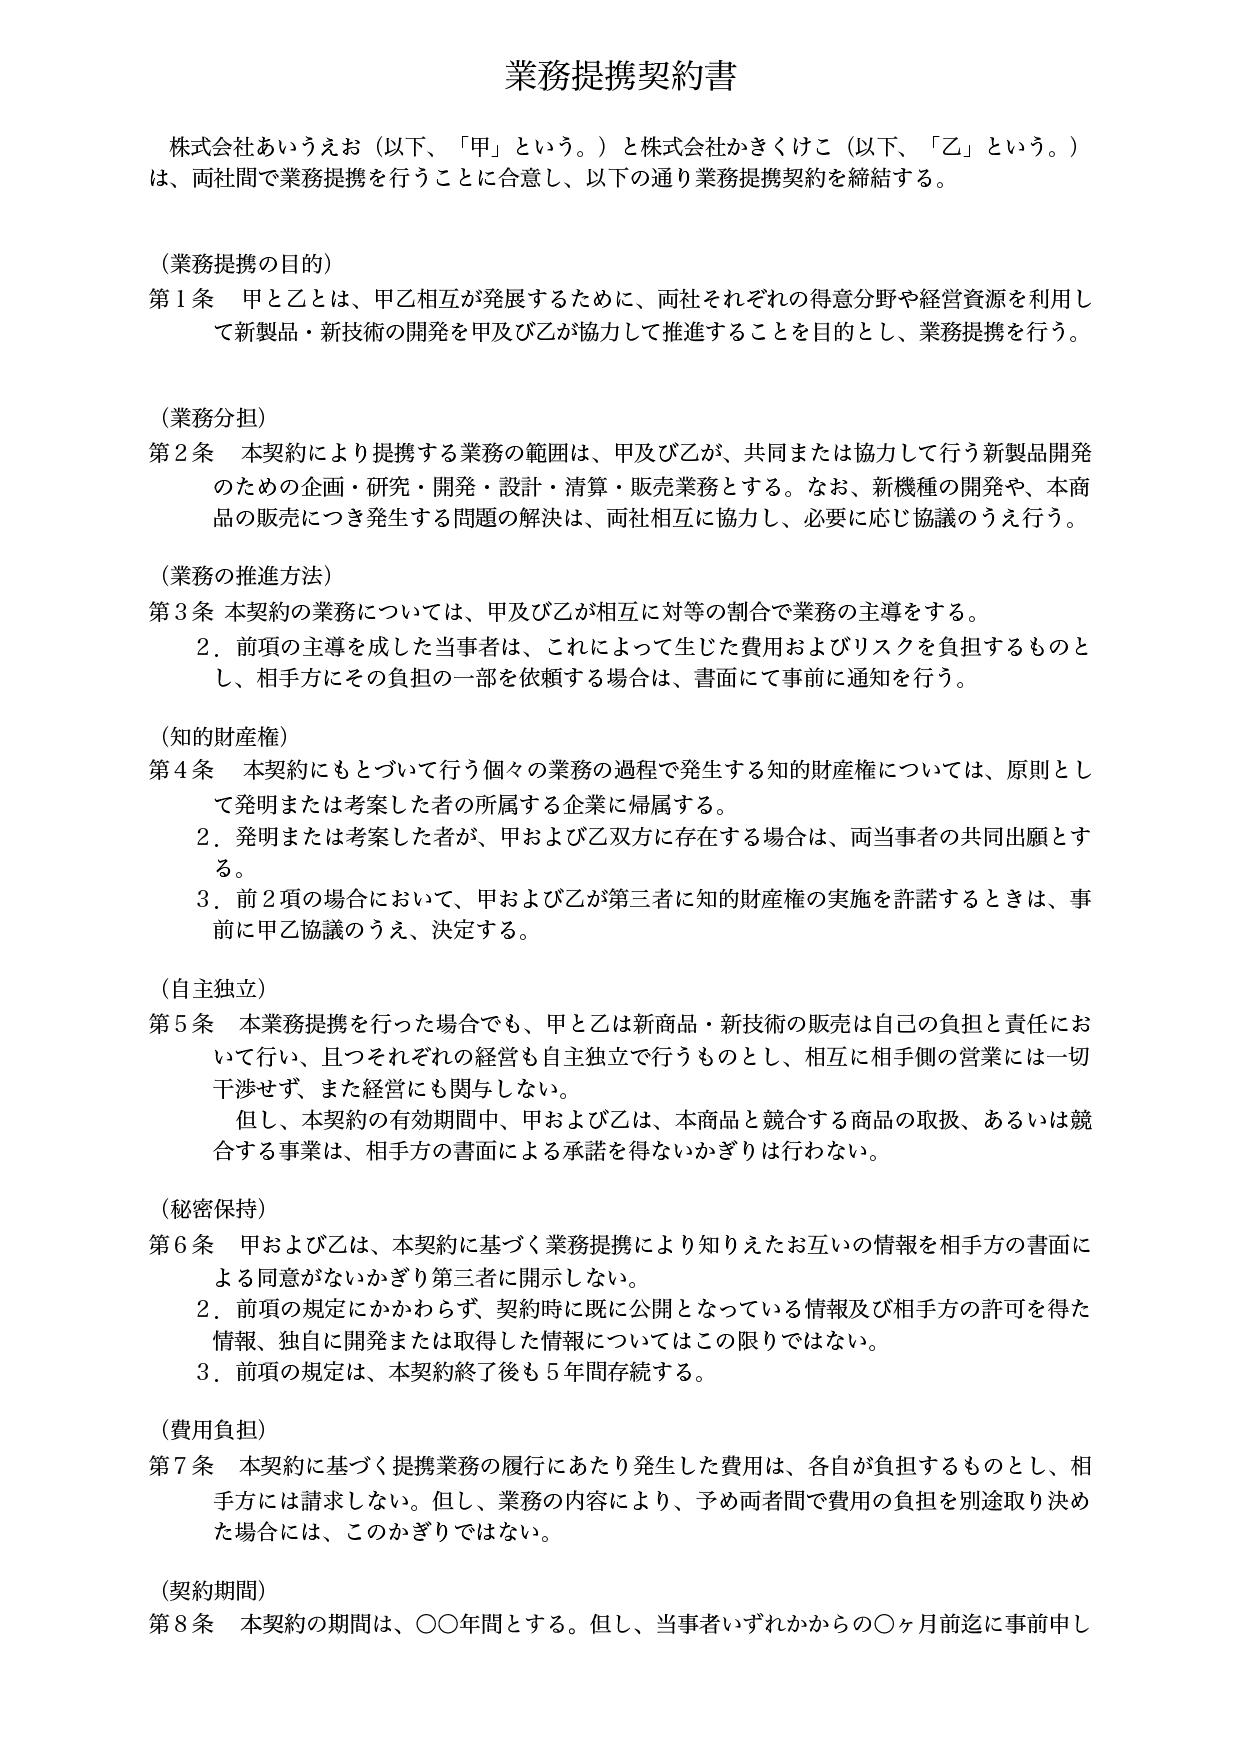 業務提携契約書の雛形テンプレート『多業種に使える』(ワード・ページズ)